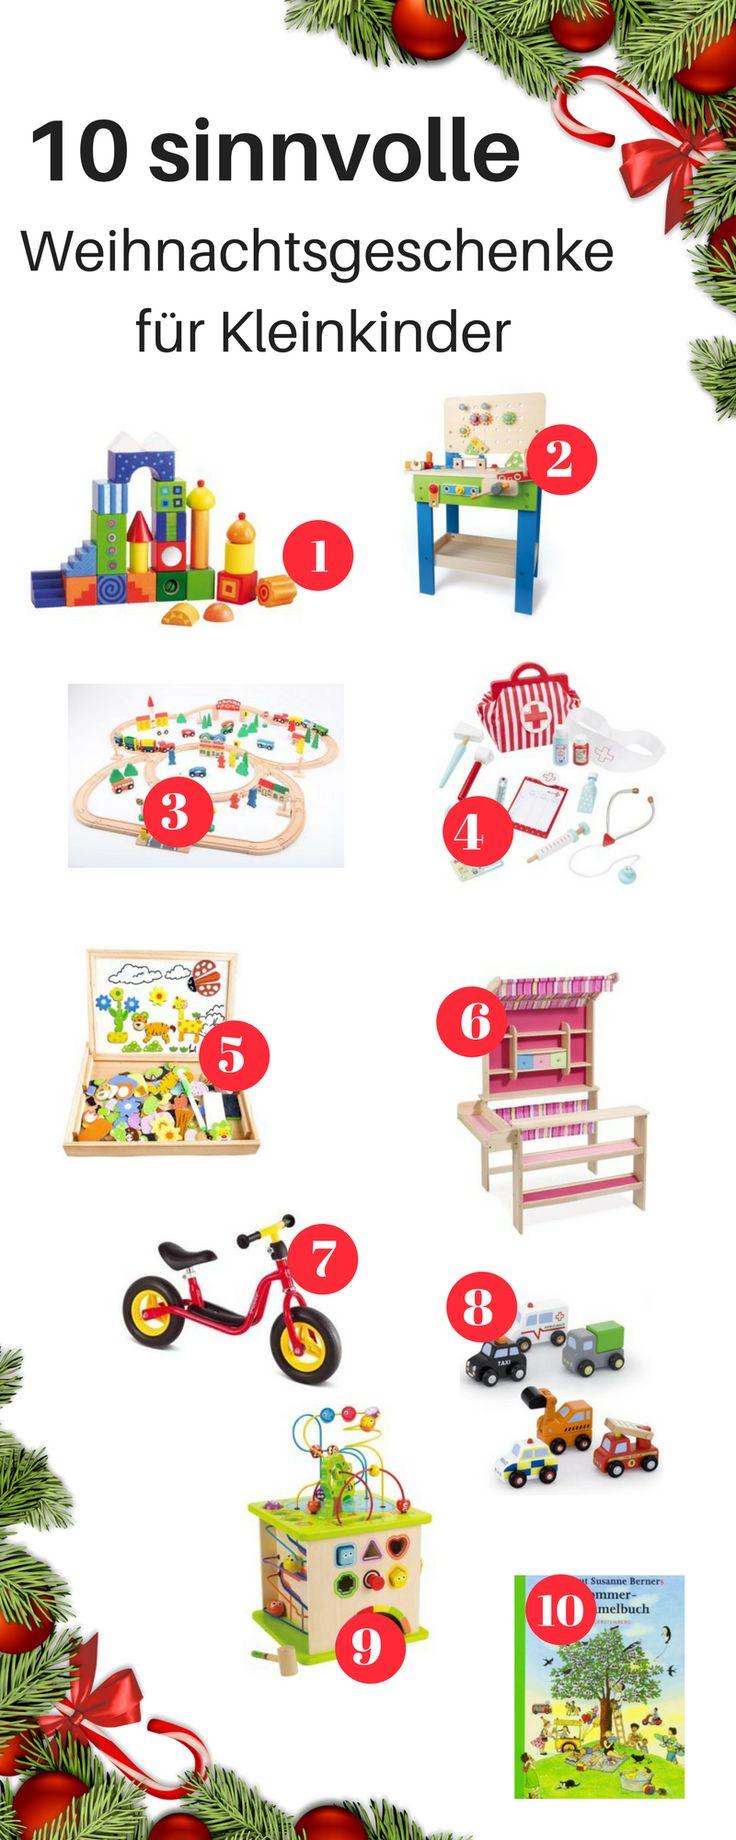 Sinnvolle Weihnachtsgeschenke für Kinder und Kleinkinder von 1-3 Jahren. Weihnachtsgeschenke Idee, Weihnachtsgeschenke selbstgemachte Weihnachtsgeschenke kinder basteln, Weihnachtsgeschenke kinder kleines, Weihnachtsgeschenke kinder selber machen, Weihnachtsgeschenke Kinder Ideen, Weihnachtsgeschenke Baby basteln, Weihnachtsgeschenke Mädchen, Weihnachtsgeschenke Jungen, Weihnachtsgeschenke DIY Kinder